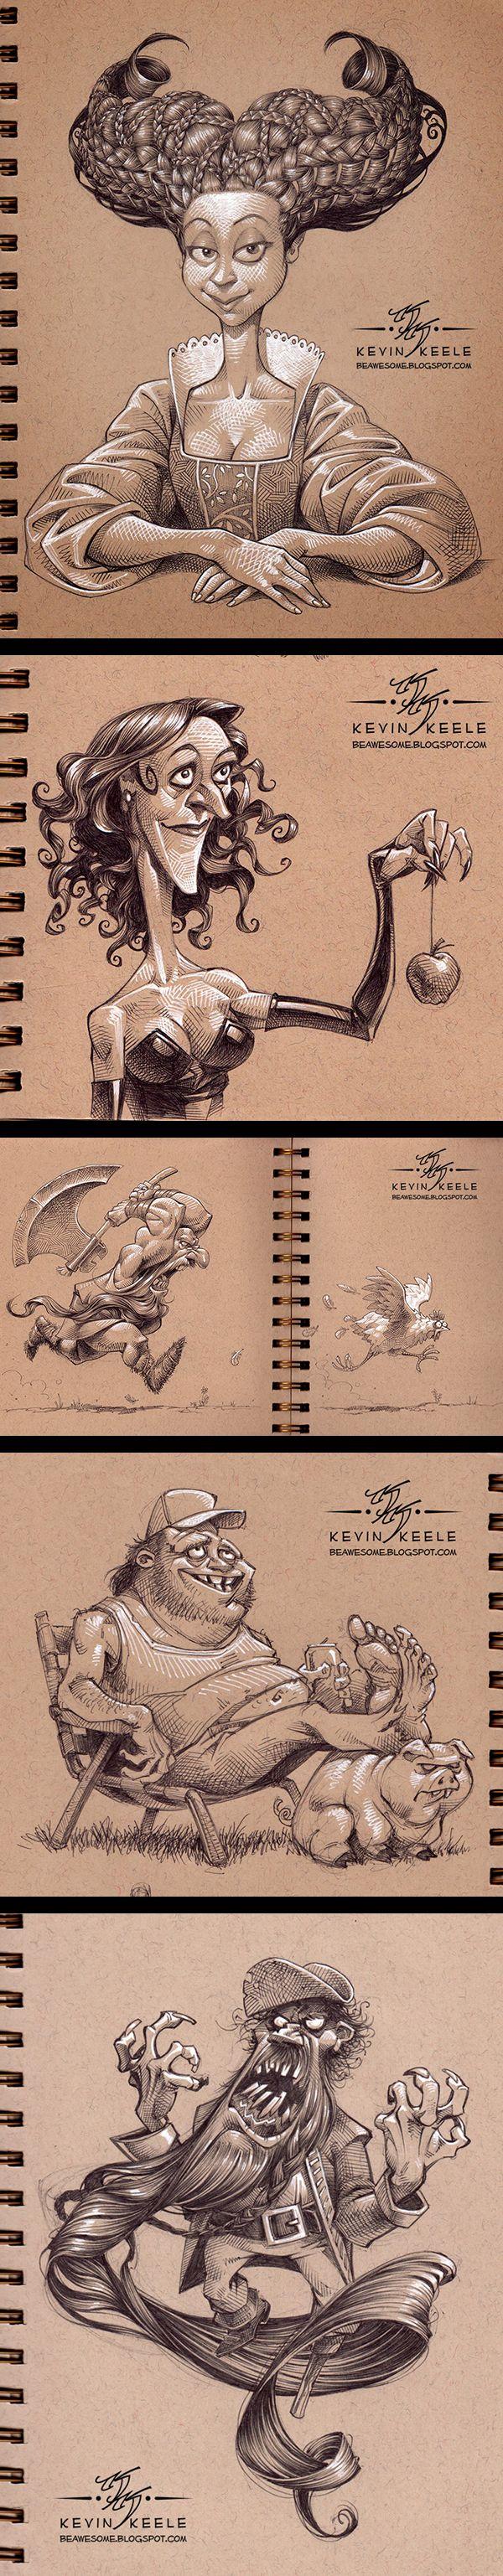 Inspirations graphiques #16 Kevin Keele | sketchbook